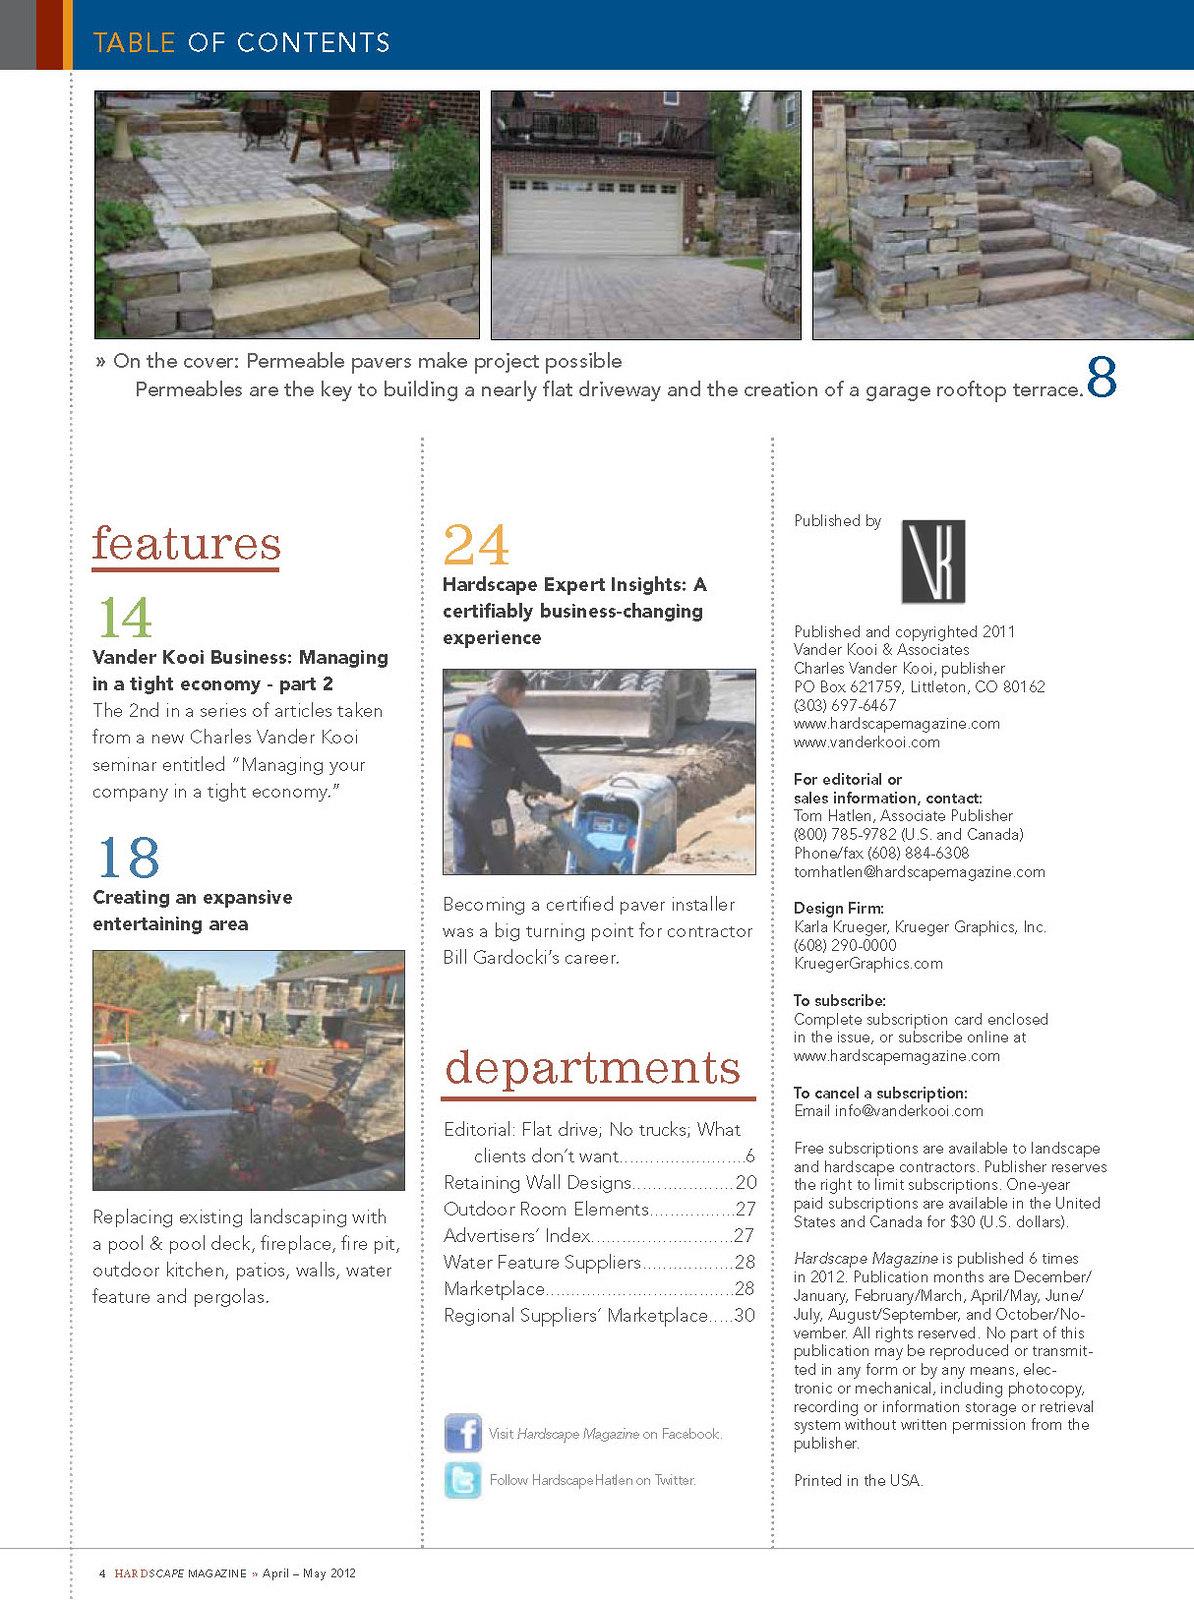 Landscape Hardscape Magazine Hardscape Magazine April-may